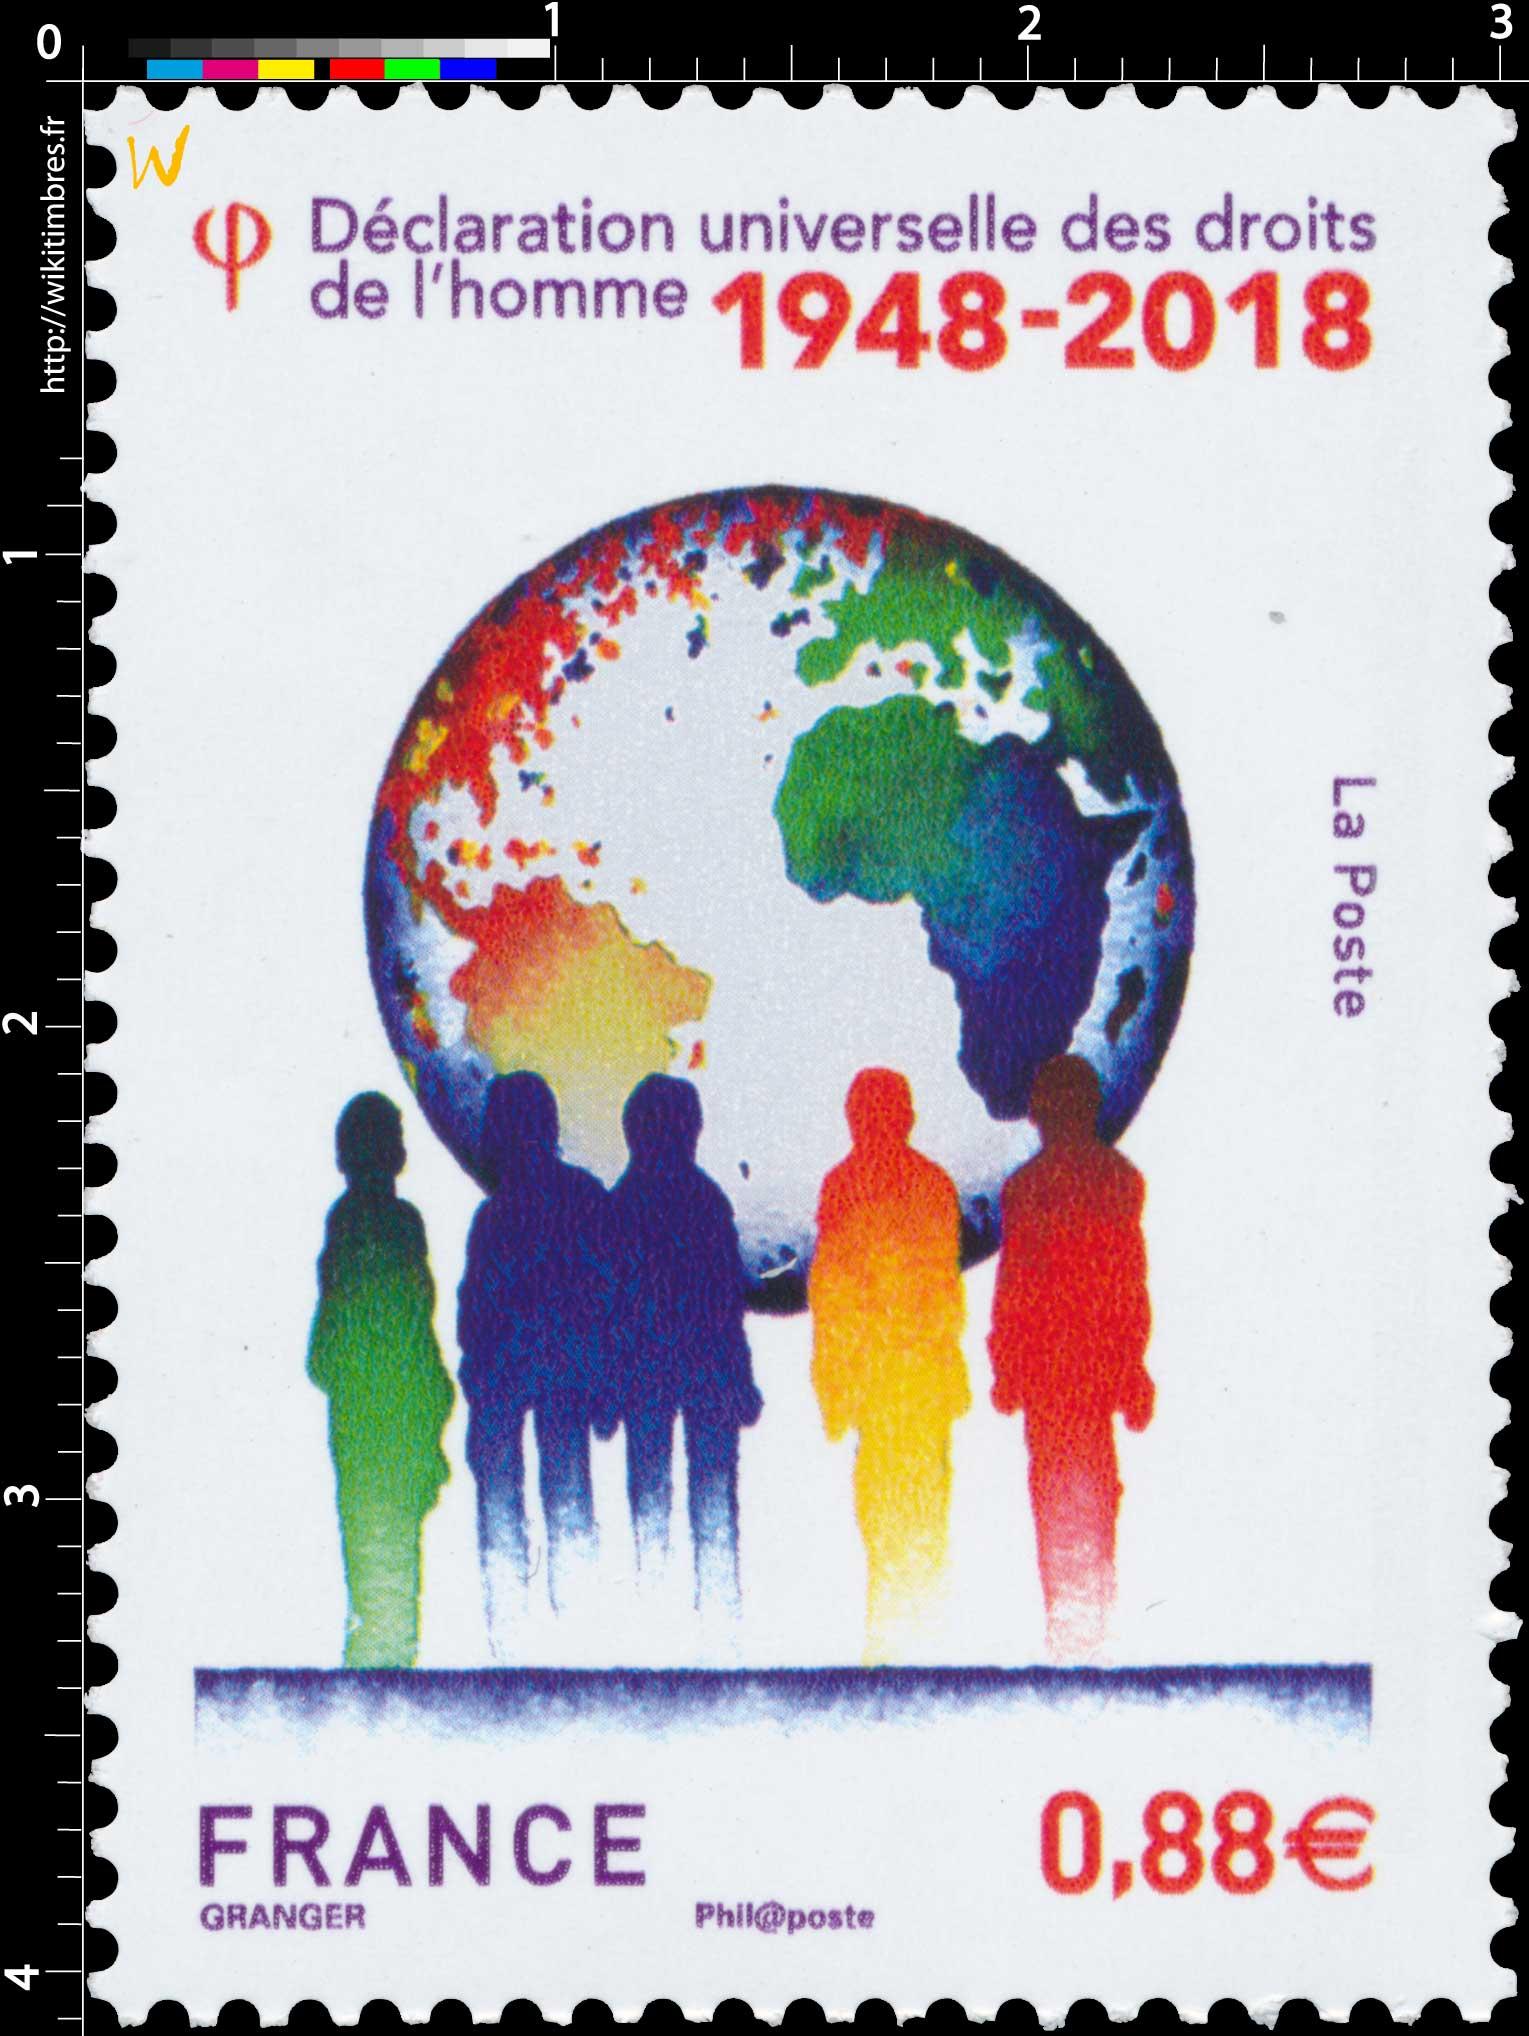 2018 Déclaration universelle des droits de l'homme 1948-2018